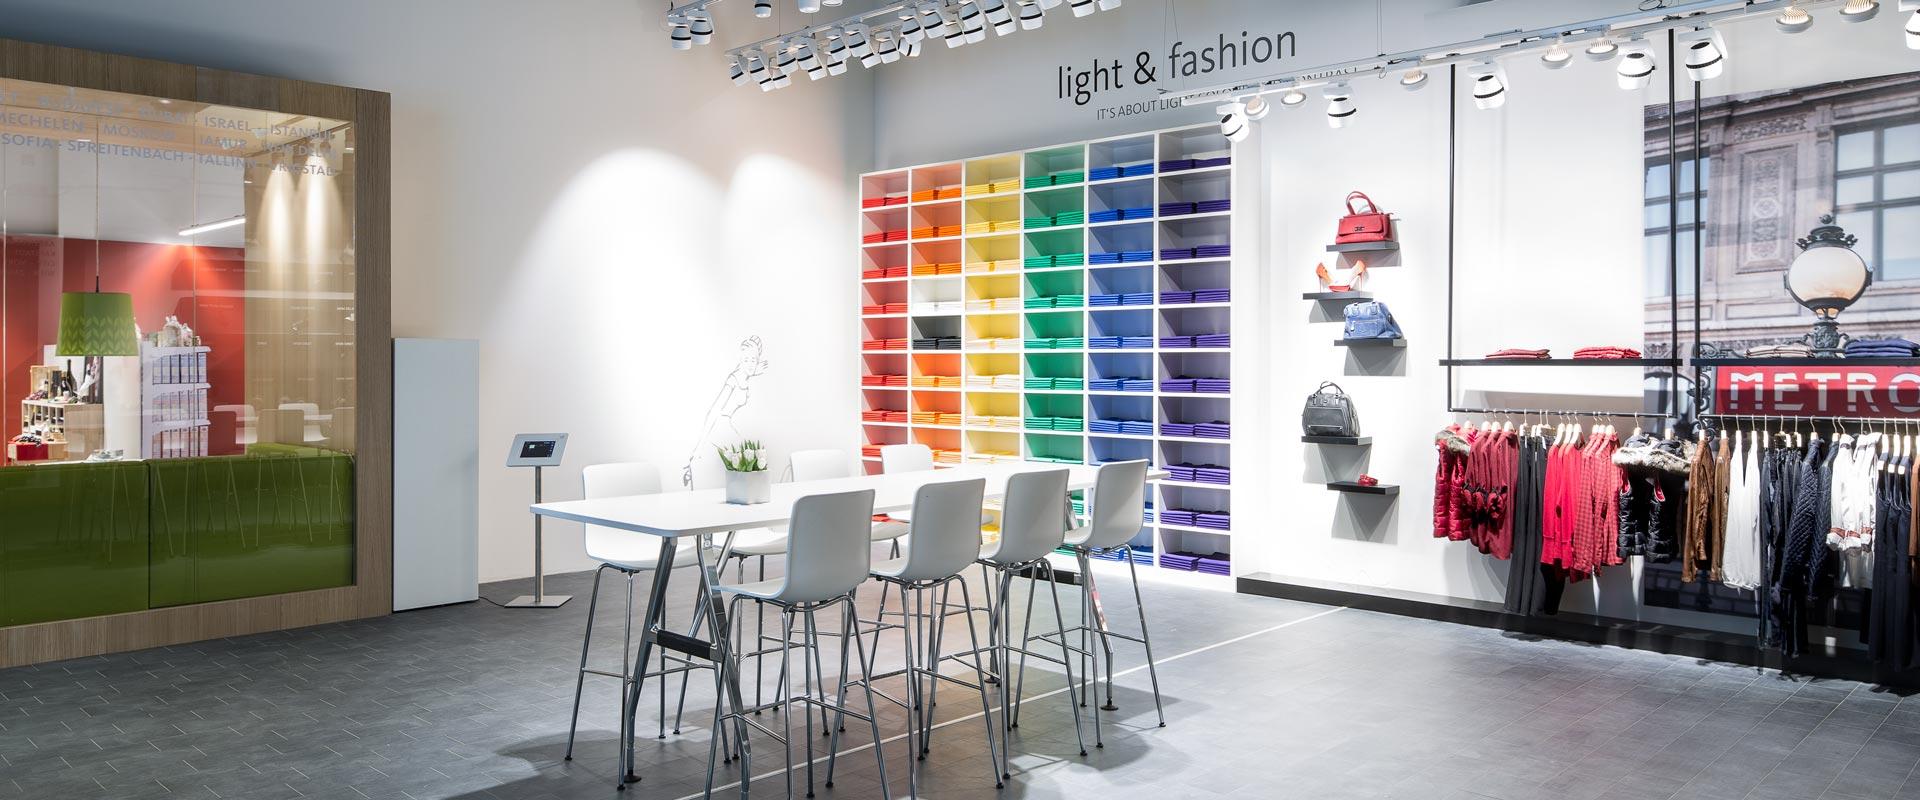 Basic Fashion Shop